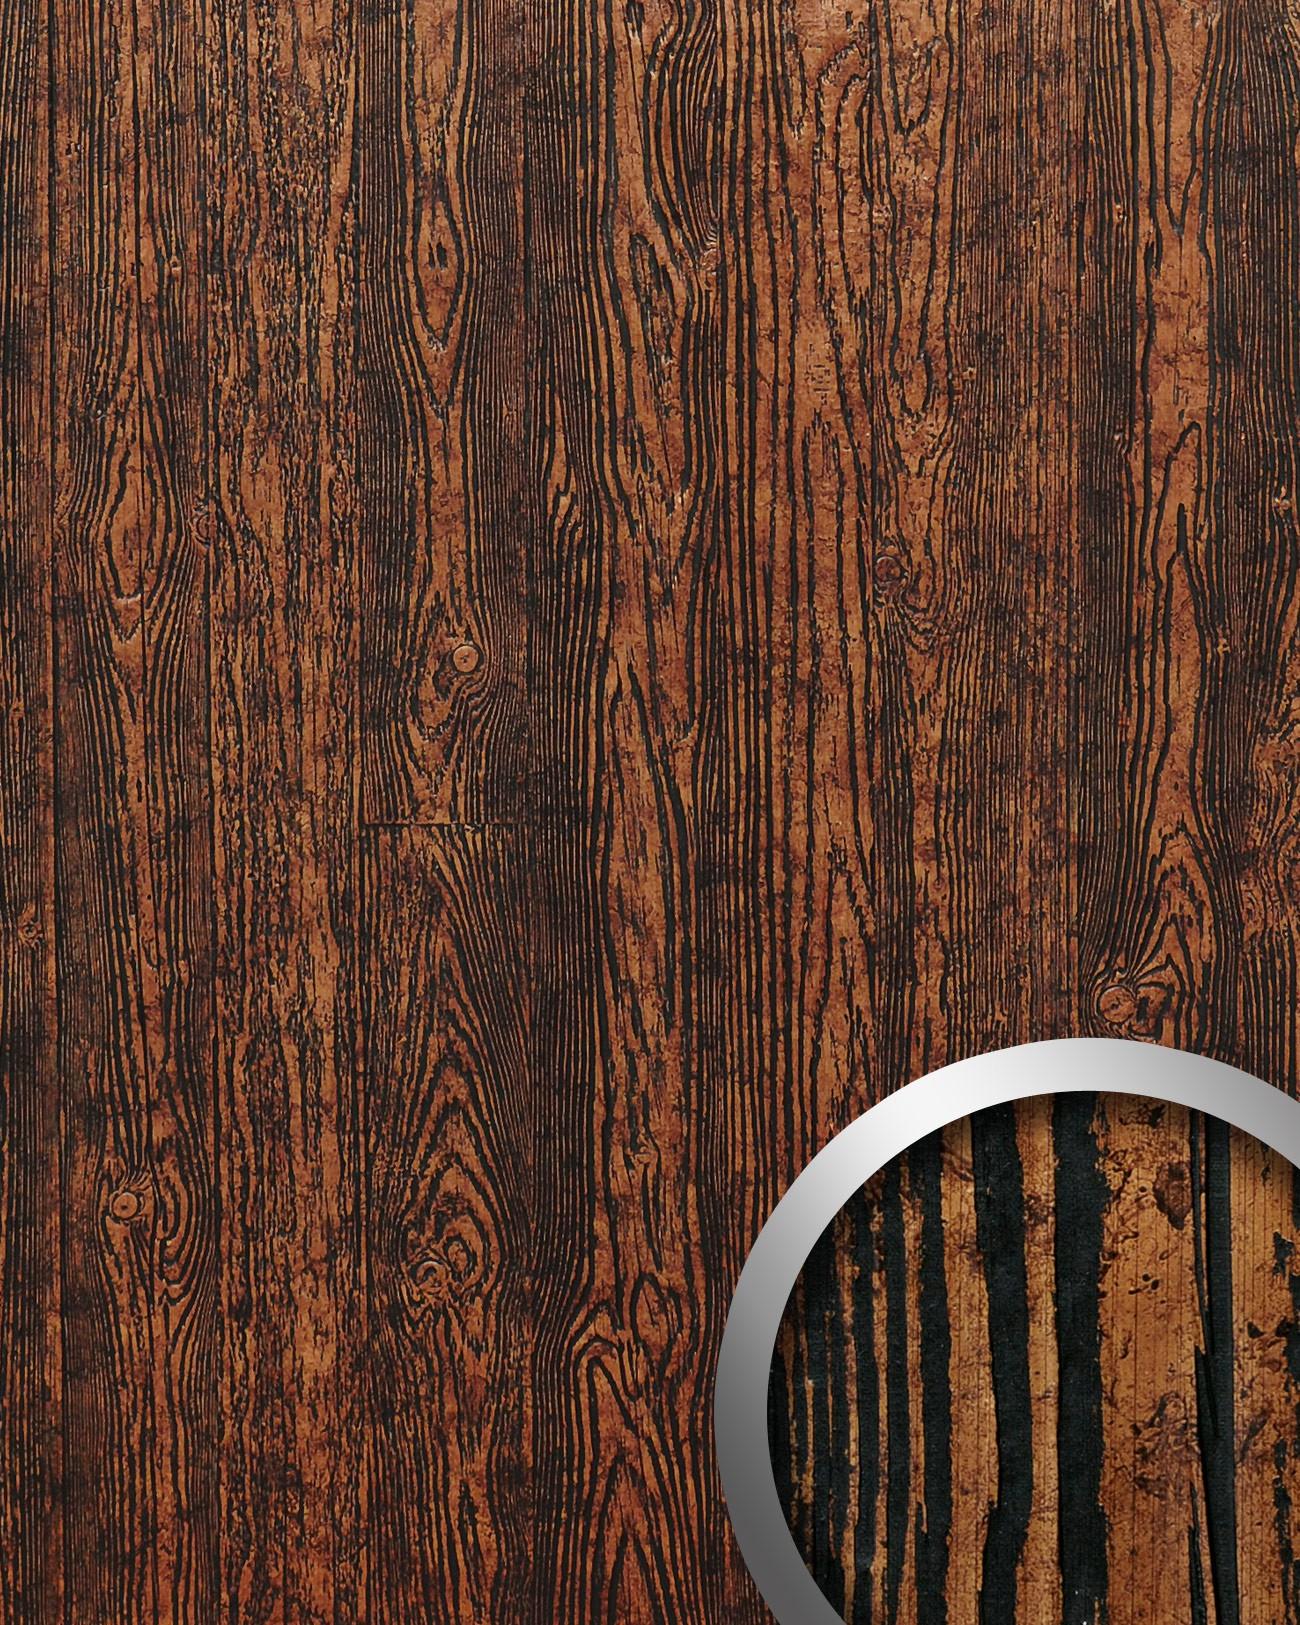 Pannello Parete Effetto Legno : Pannello per interni effetto legno ...